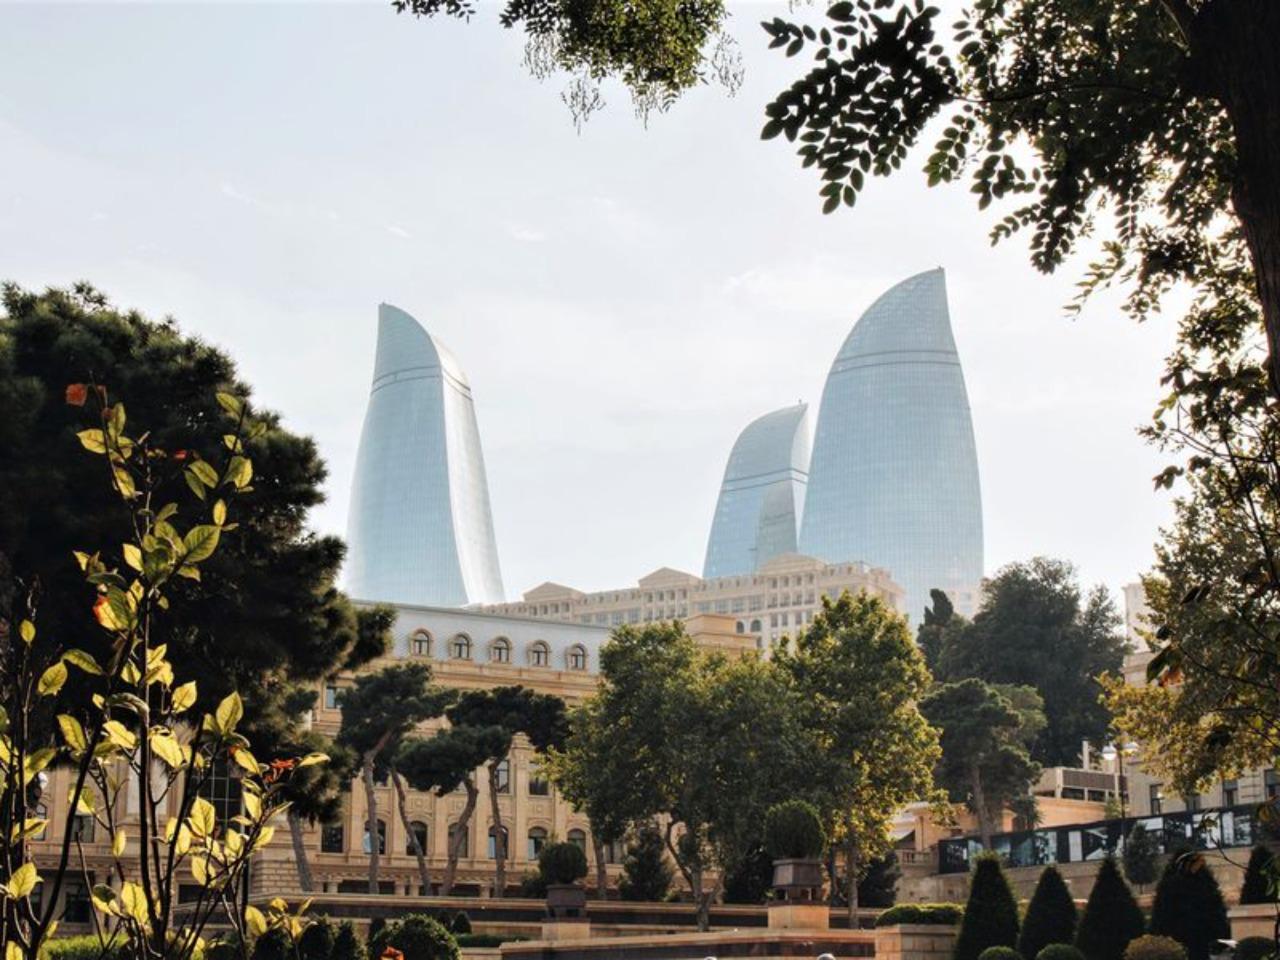 Обзорная экскурсия по Баку в 15:15.Синий маршрут - групповая экскурсия в Баку от опытного гида